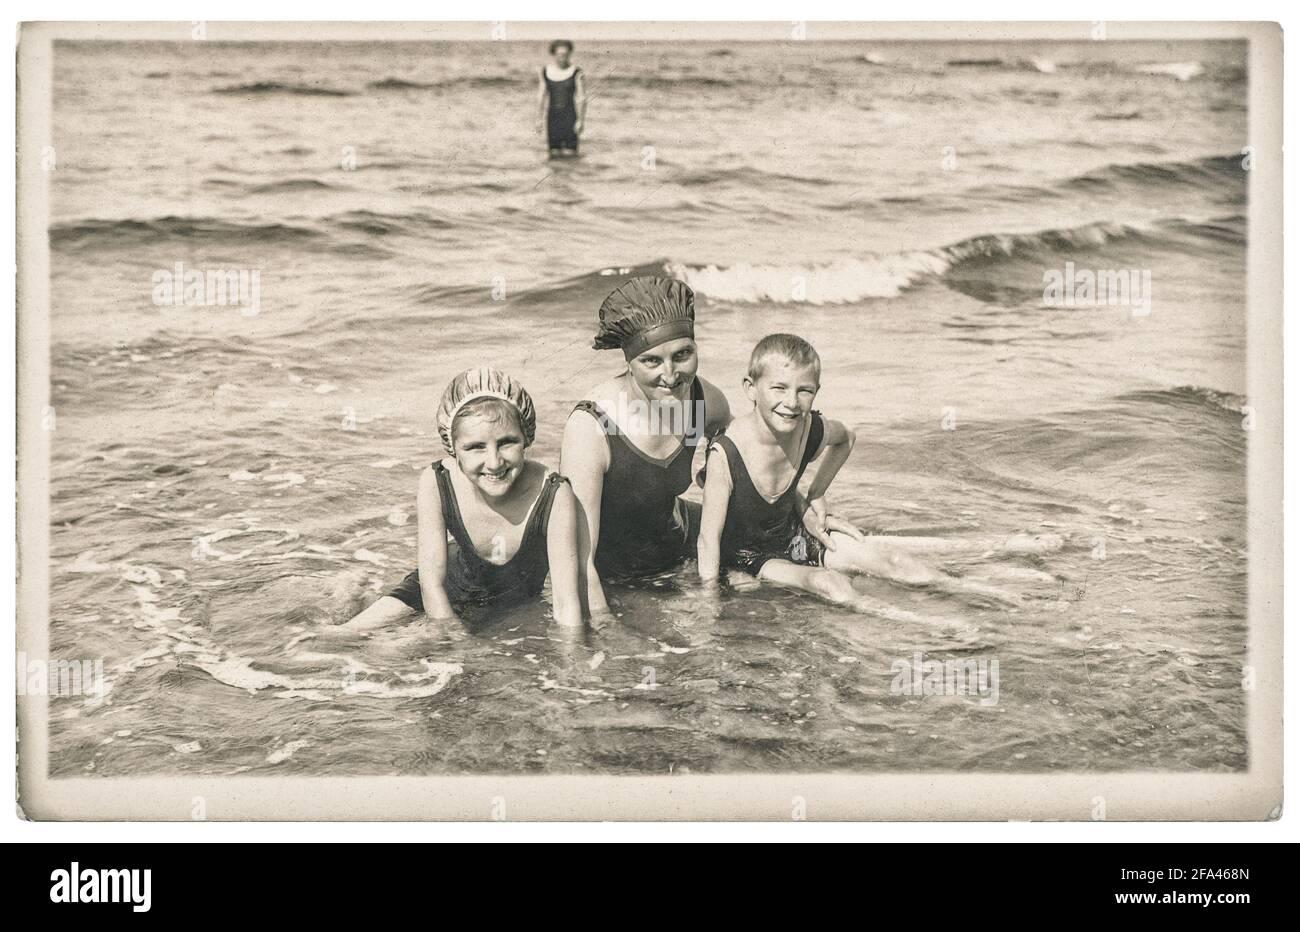 Vieille mère photo et enfants sur la mer. Vacances d'été. Image vintage avec grain original et flou de env. 1920 Banque D'Images